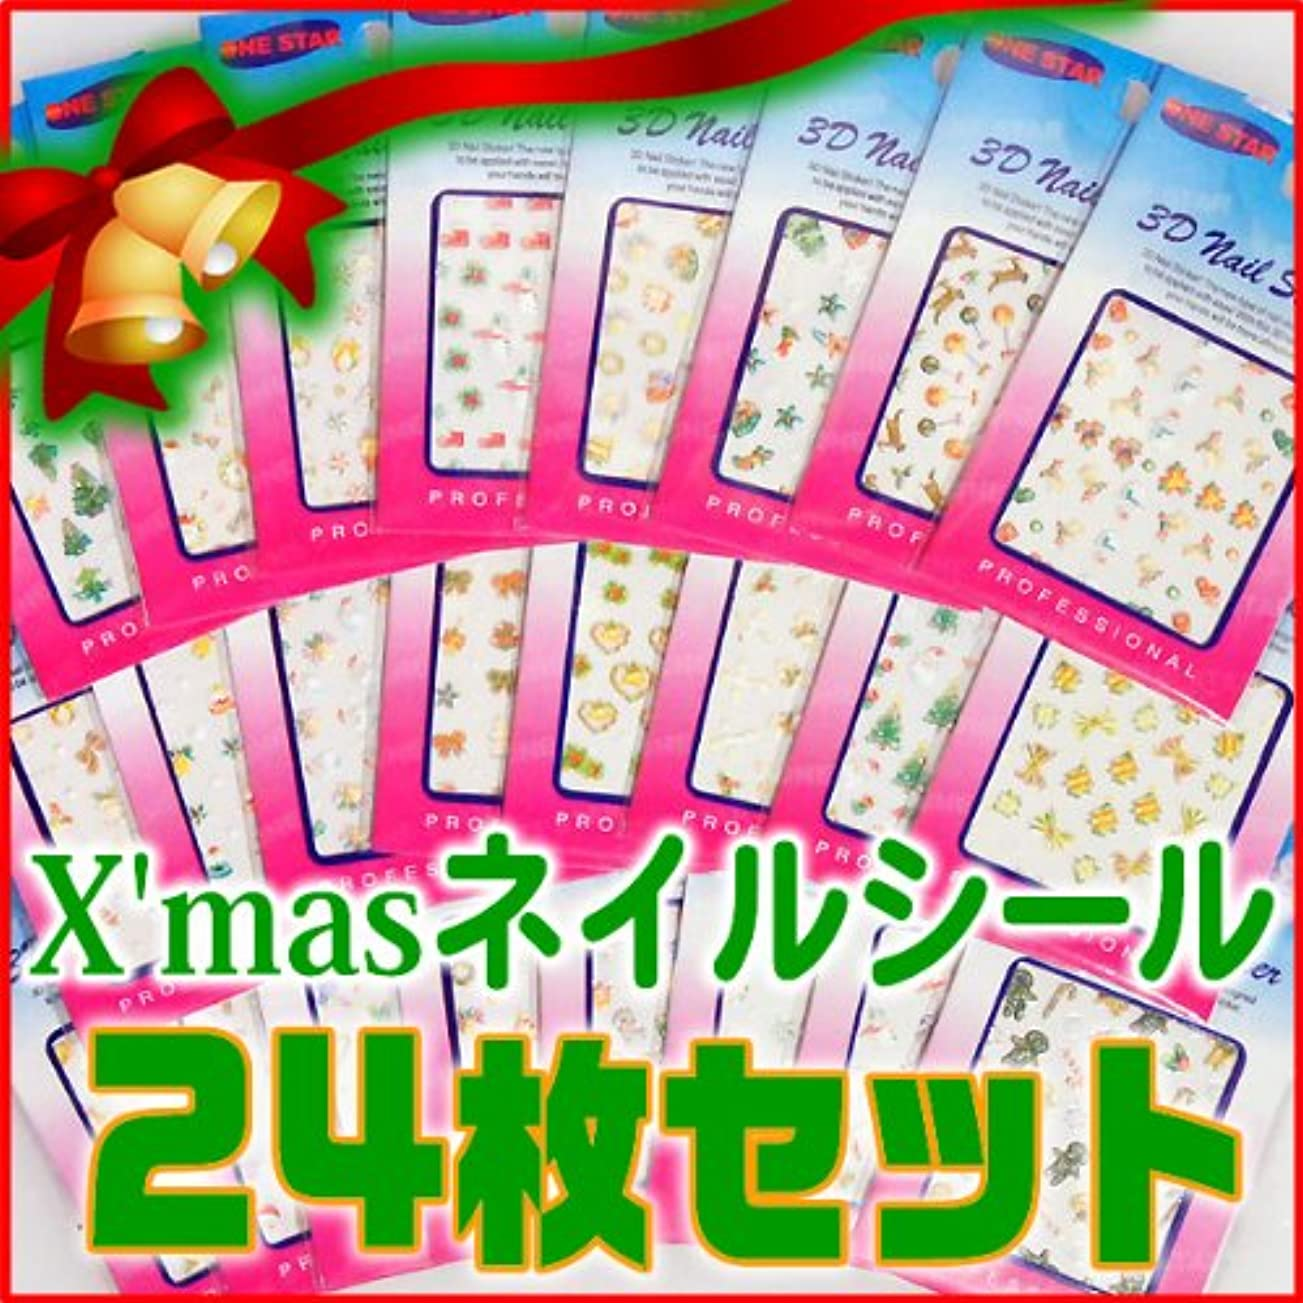 ネイルシール 福袋 クリスマスネイルシール24枚セット